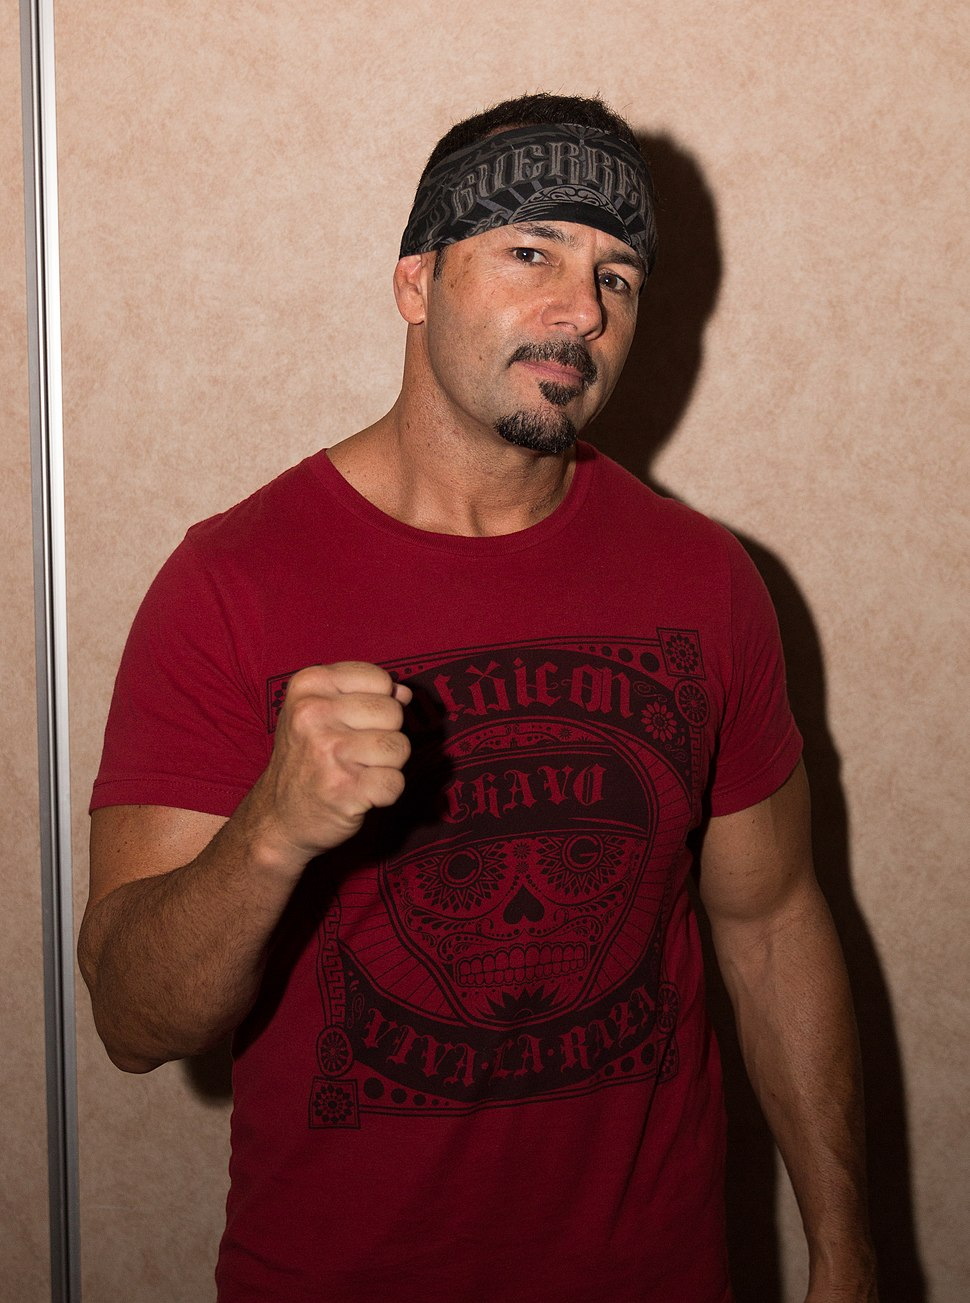 Chavo Guerrero at Smash 2016